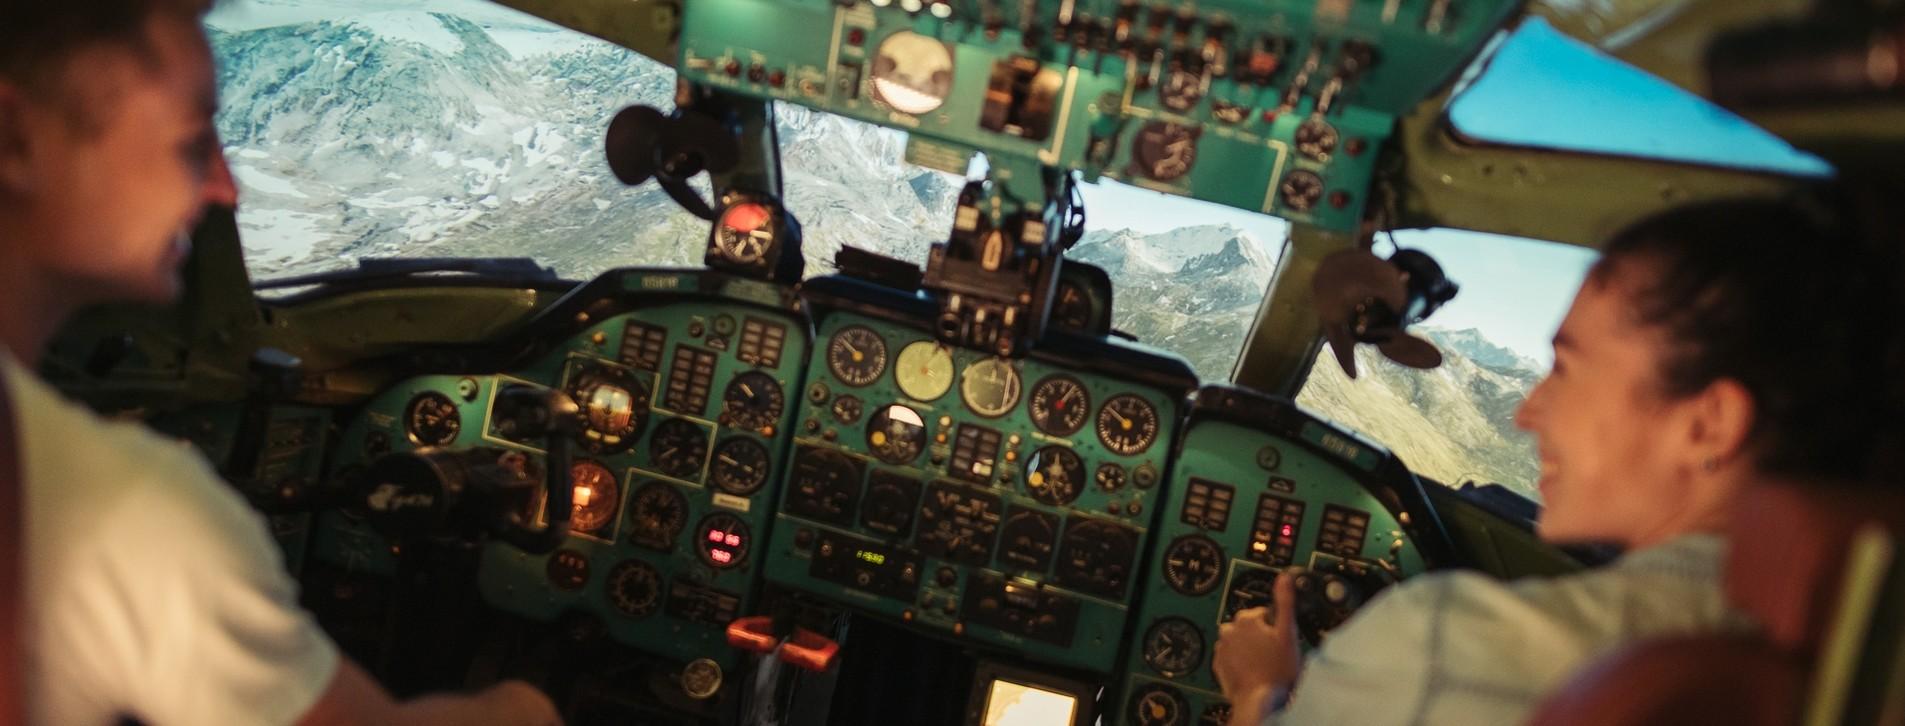 Фото - Авіасимулятор ТУ-134 для двох Long